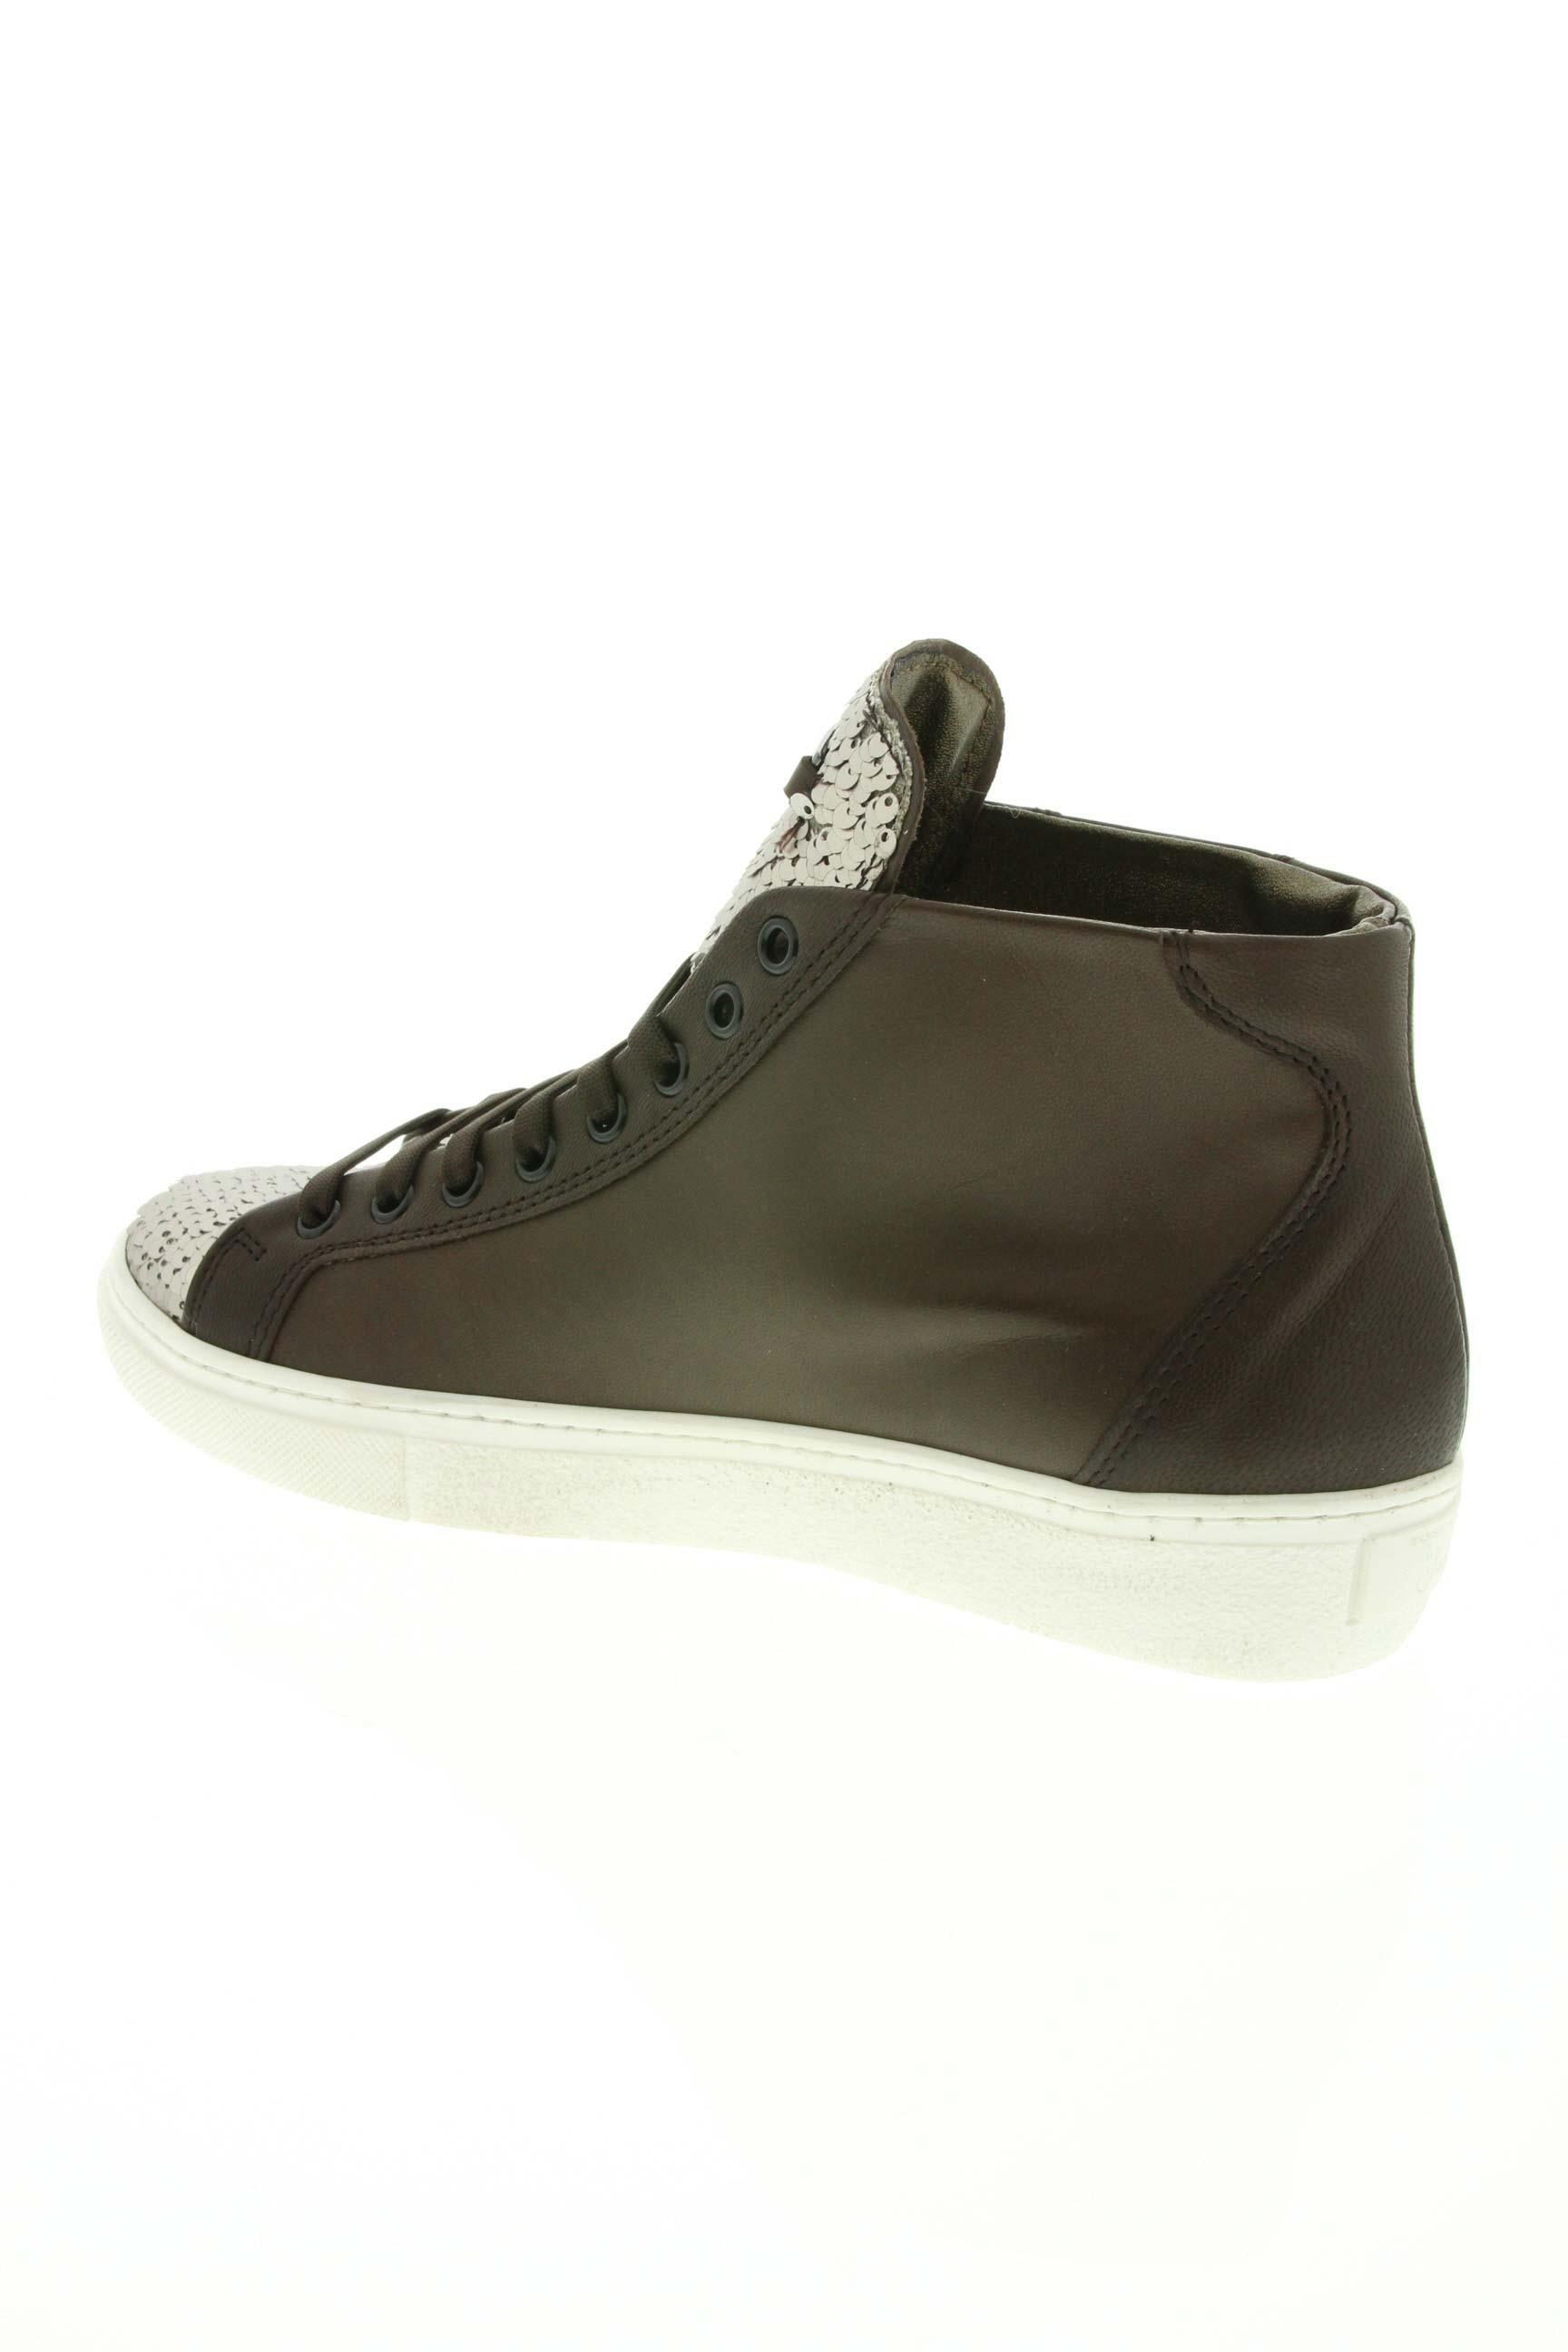 Tosca Blu Shoes Baskets Femme De Couleur Marron En Soldes Pas Cher 1157093-marron